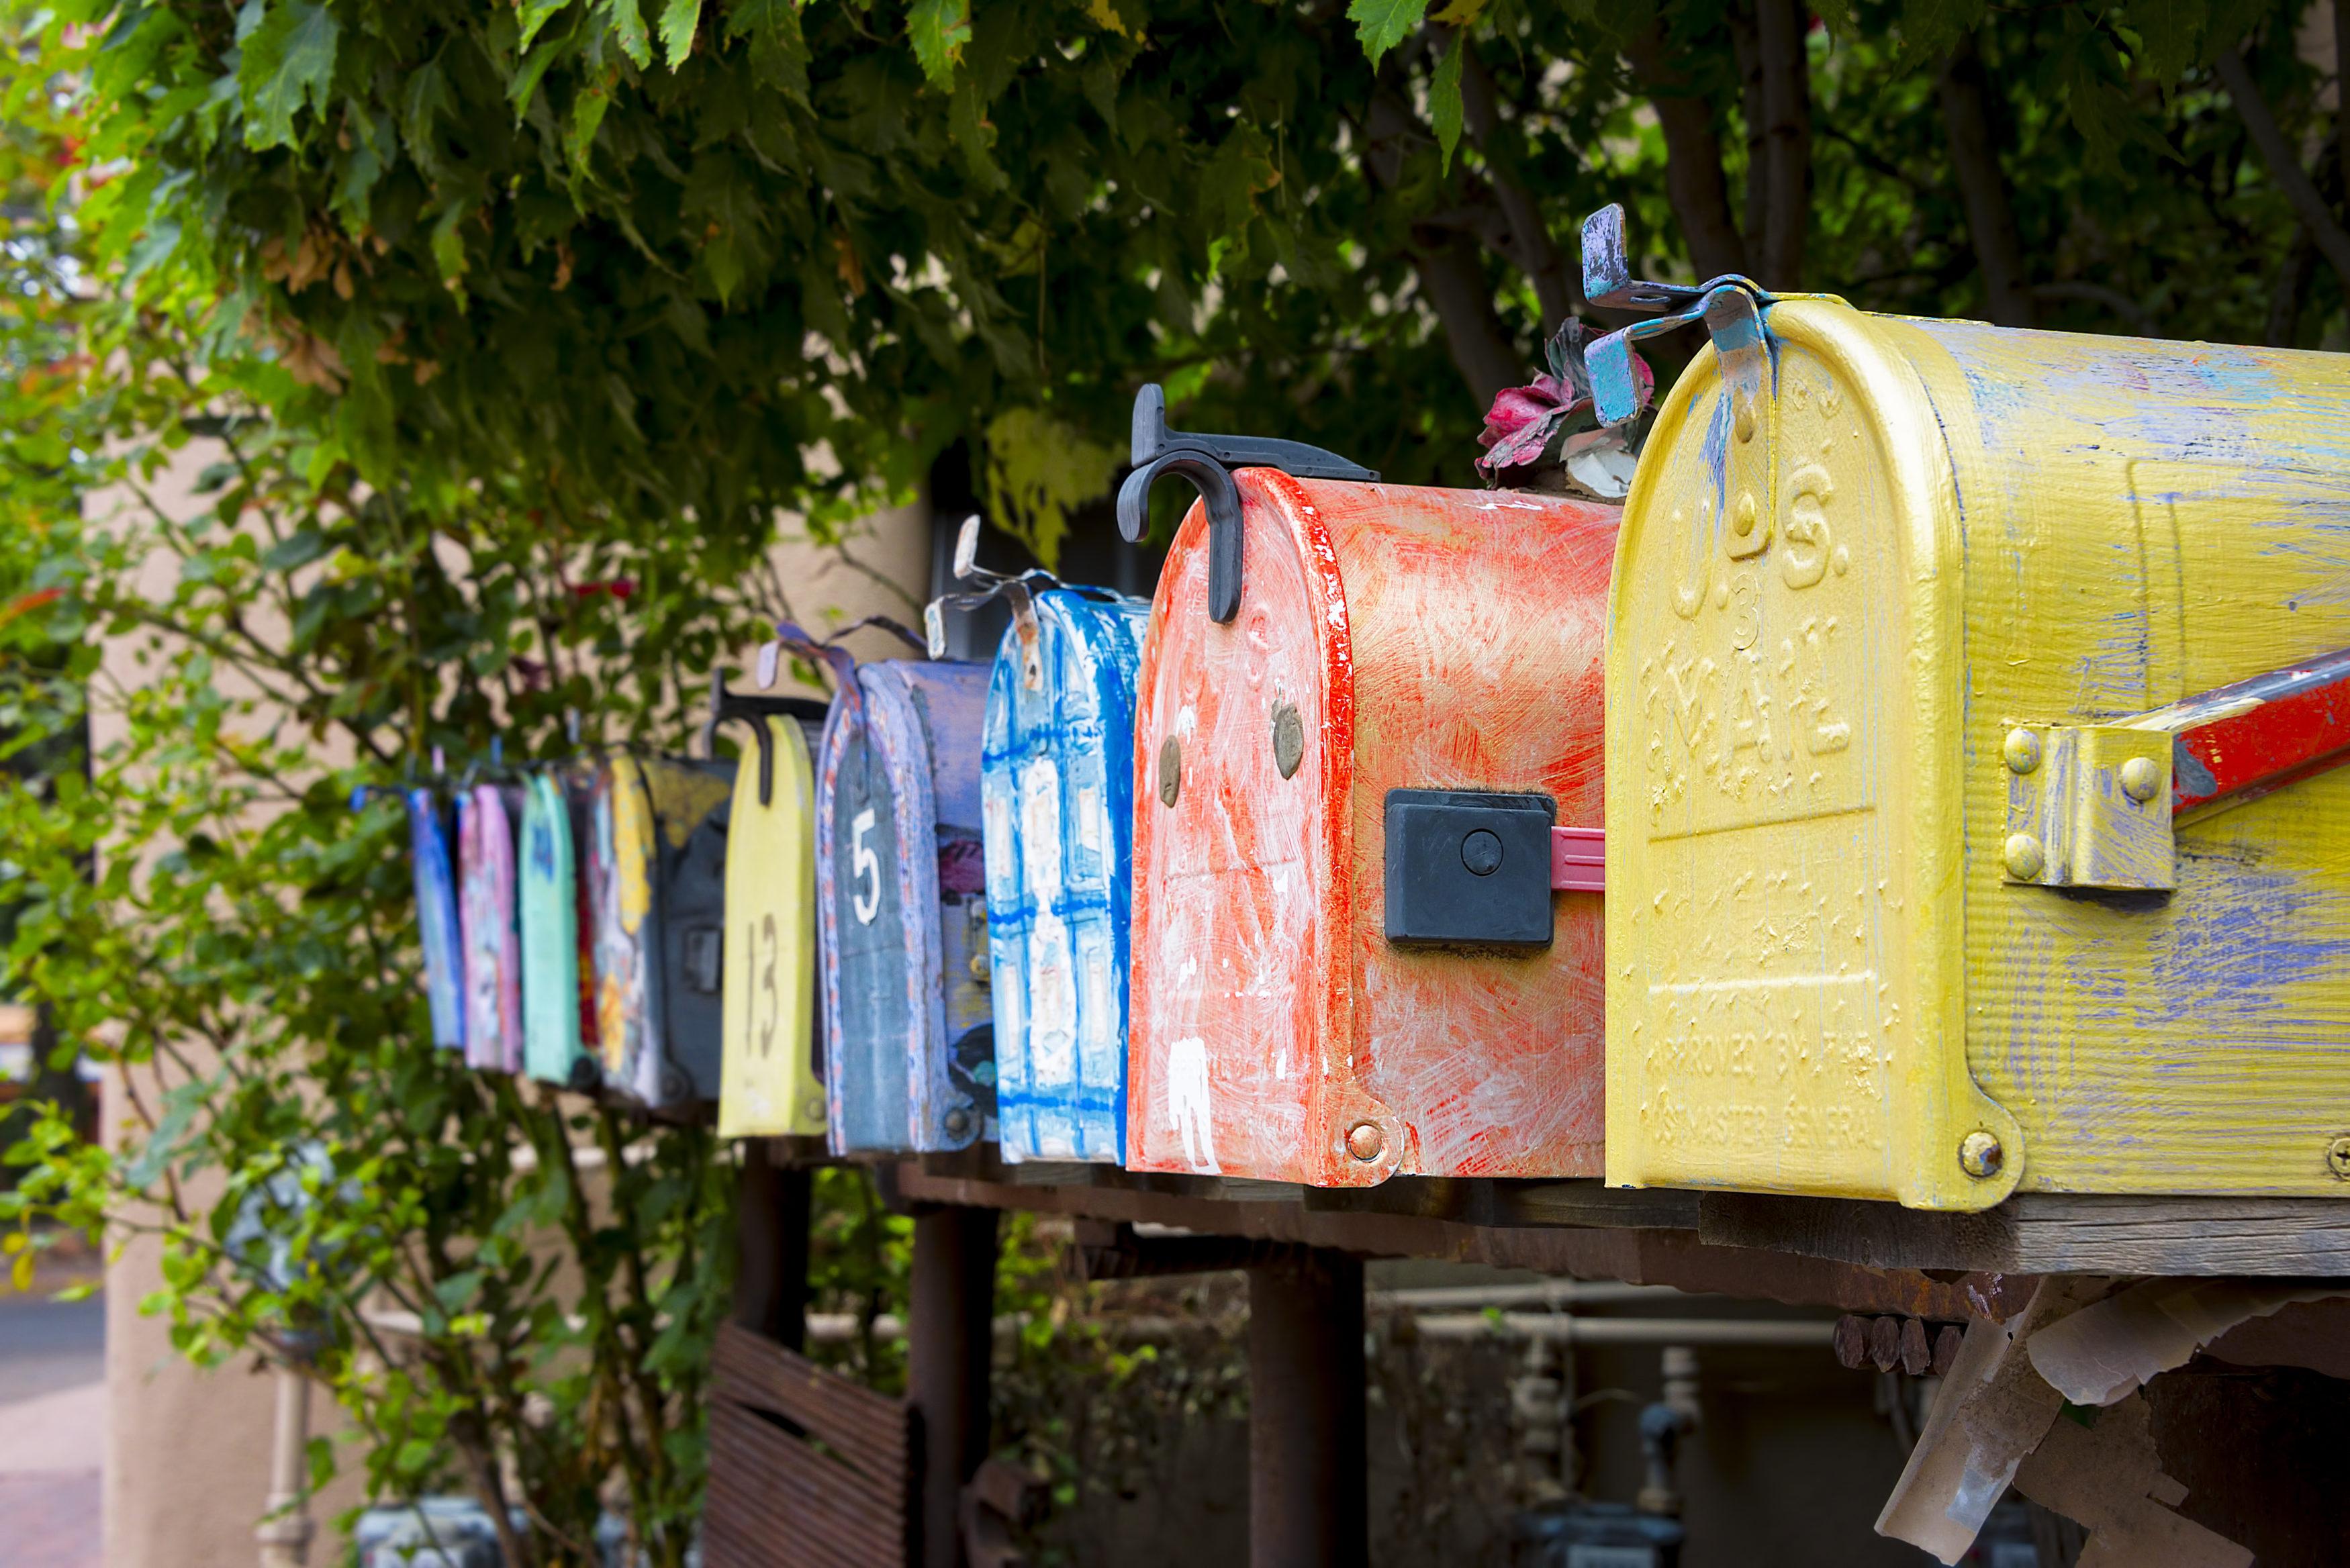 mail-ballots-mail-boxes-3500x2336.jpeg